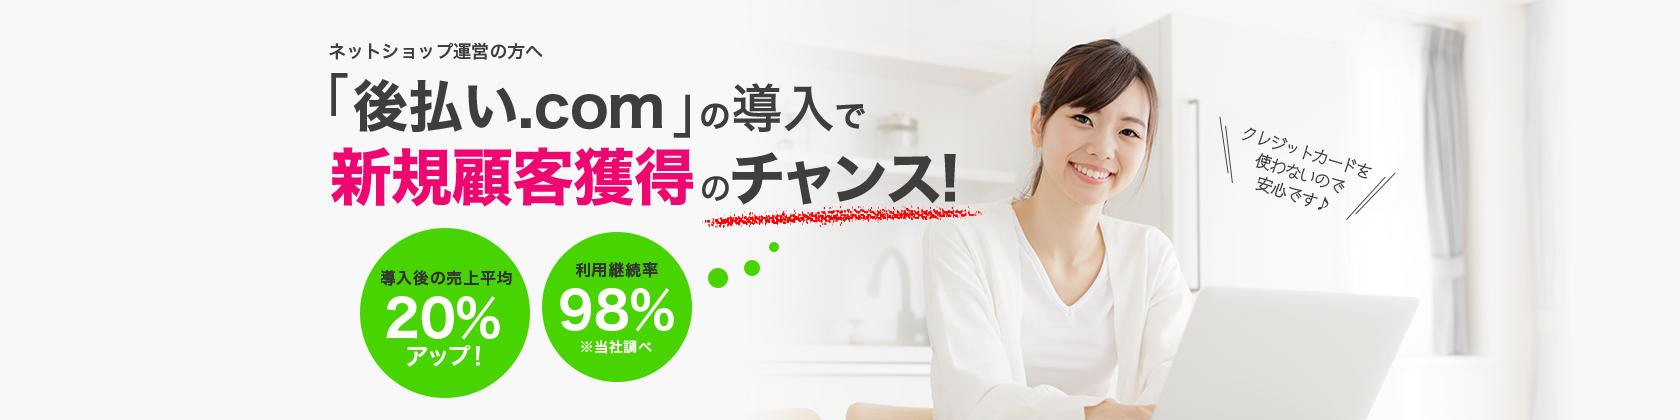 「後払い.com」の導入で新規顧客獲得のチャンス!